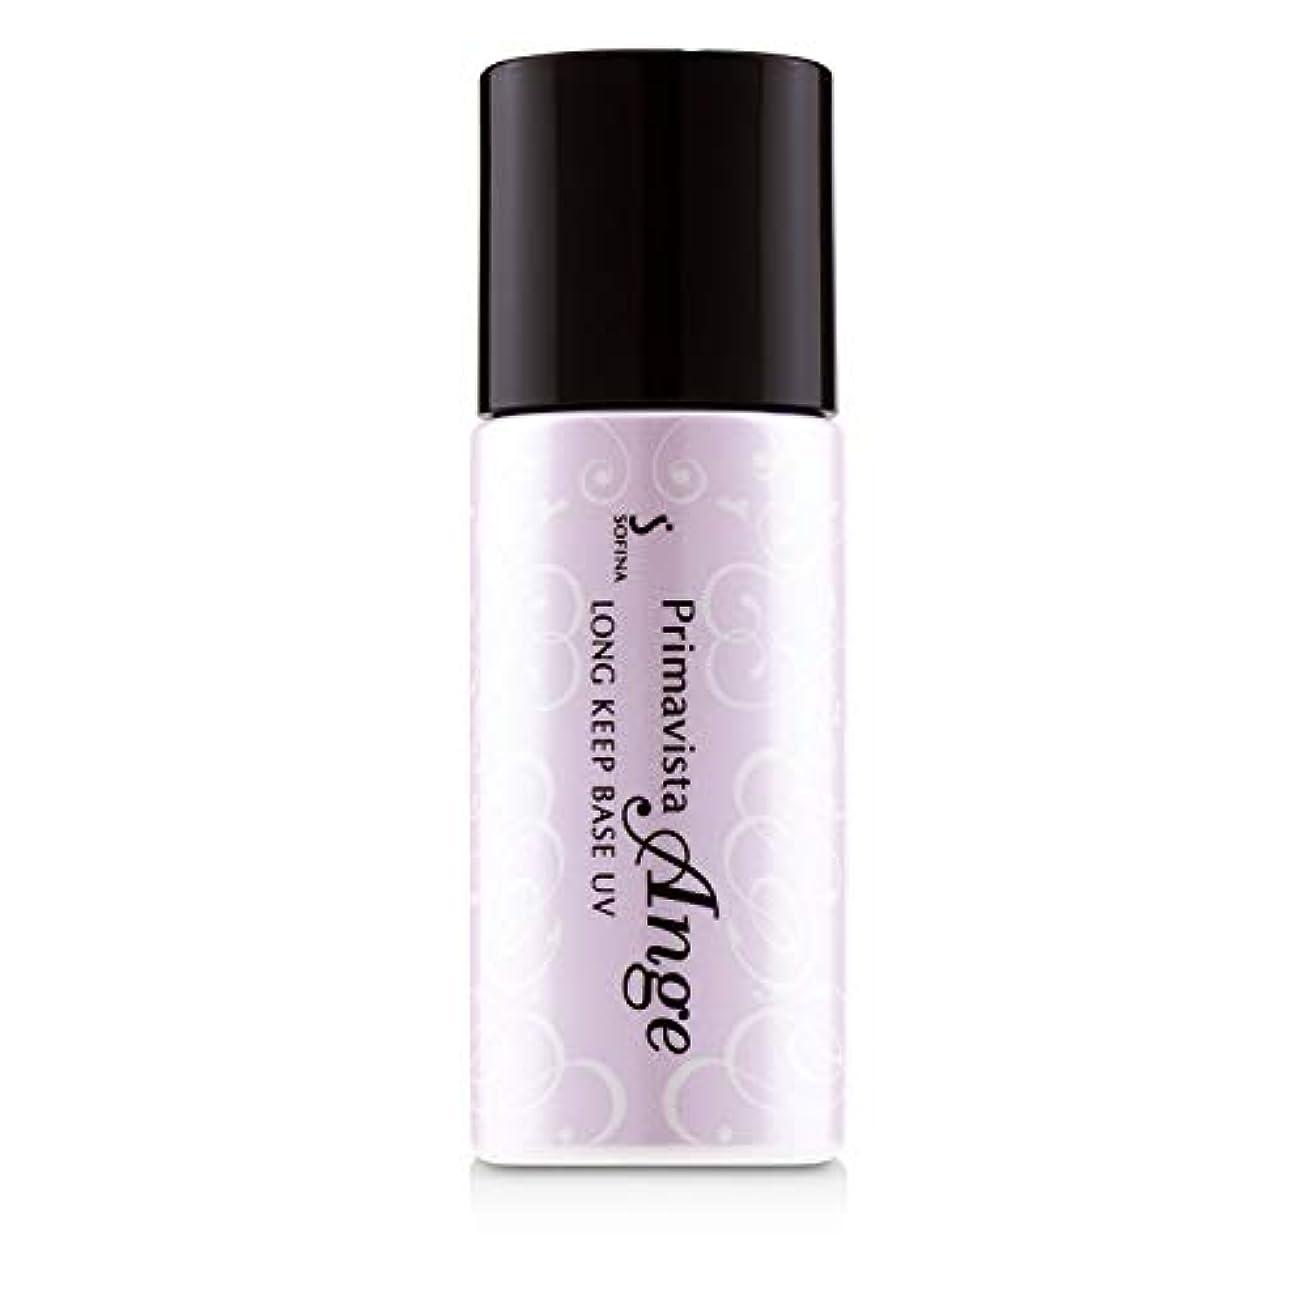 剃る起業家生命体ソフィーナ Primavista Ange Long Keep Base UV SPF16 25ml/0.83oz並行輸入品